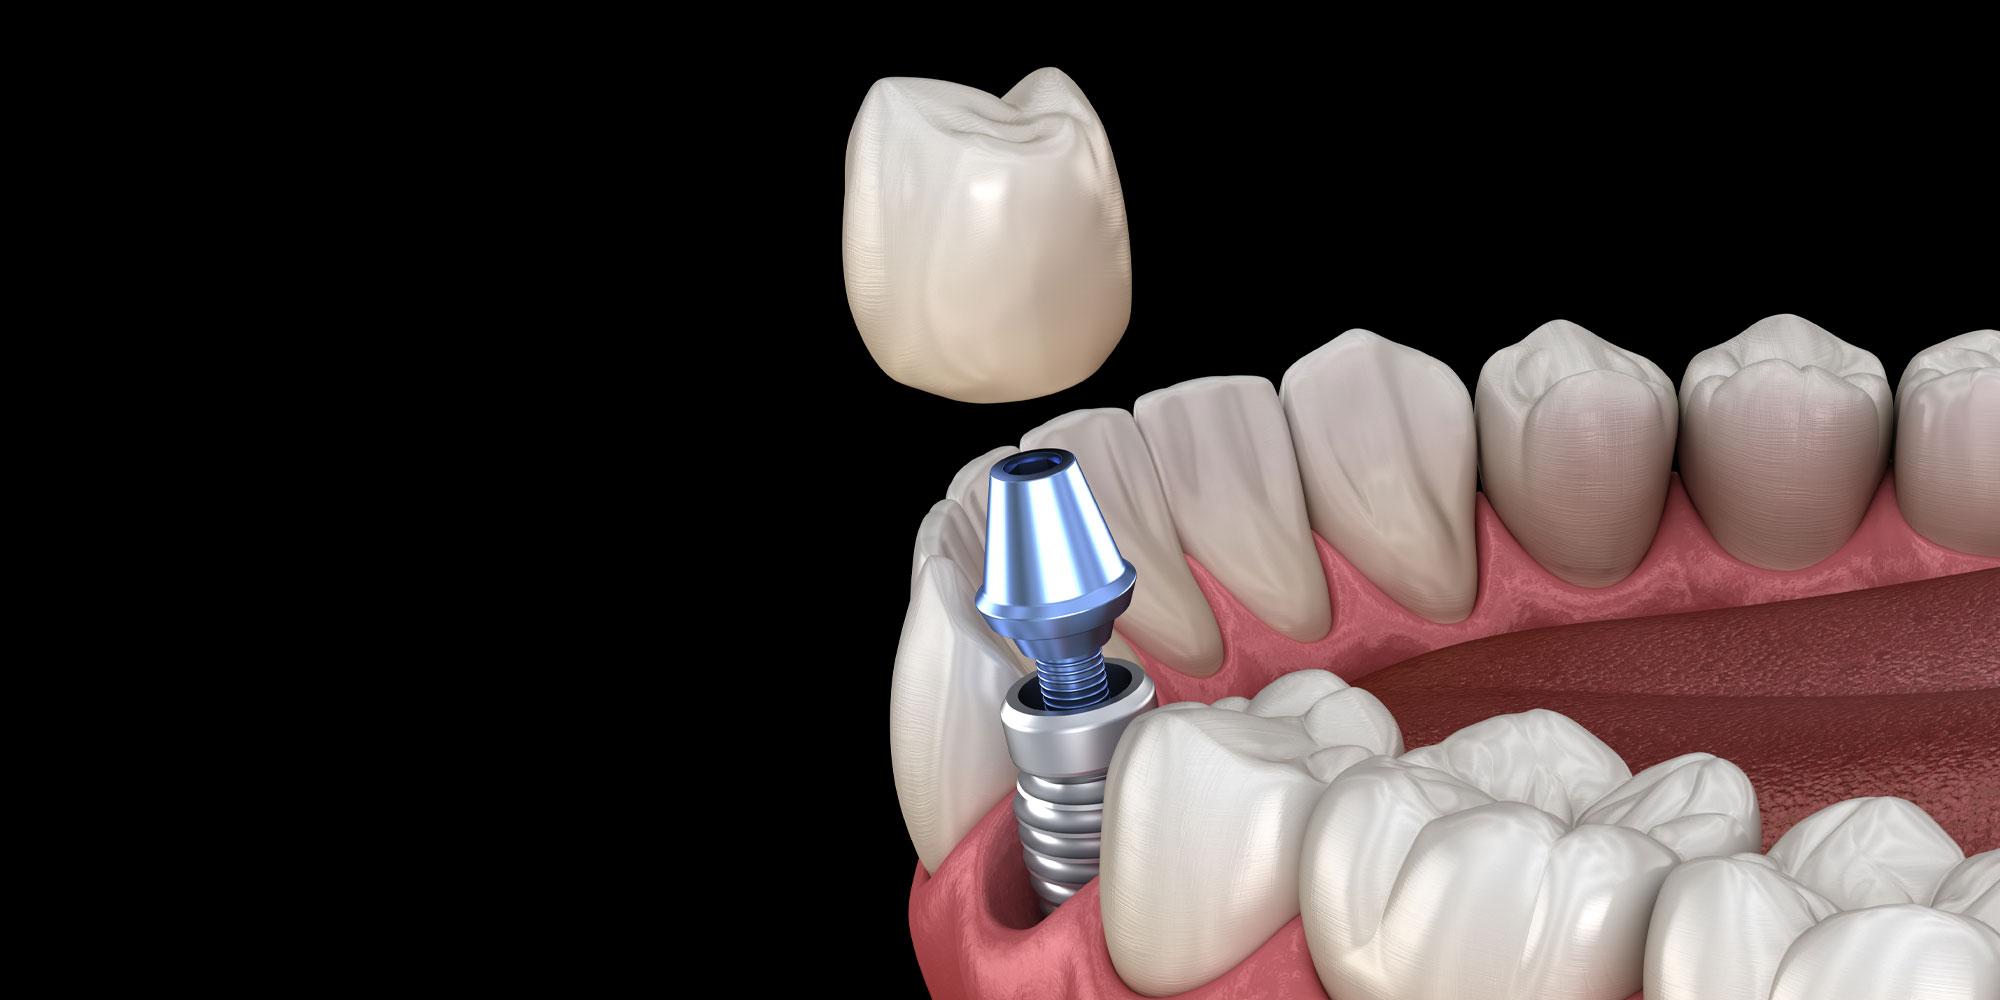 implant zebowy wroclaw 2